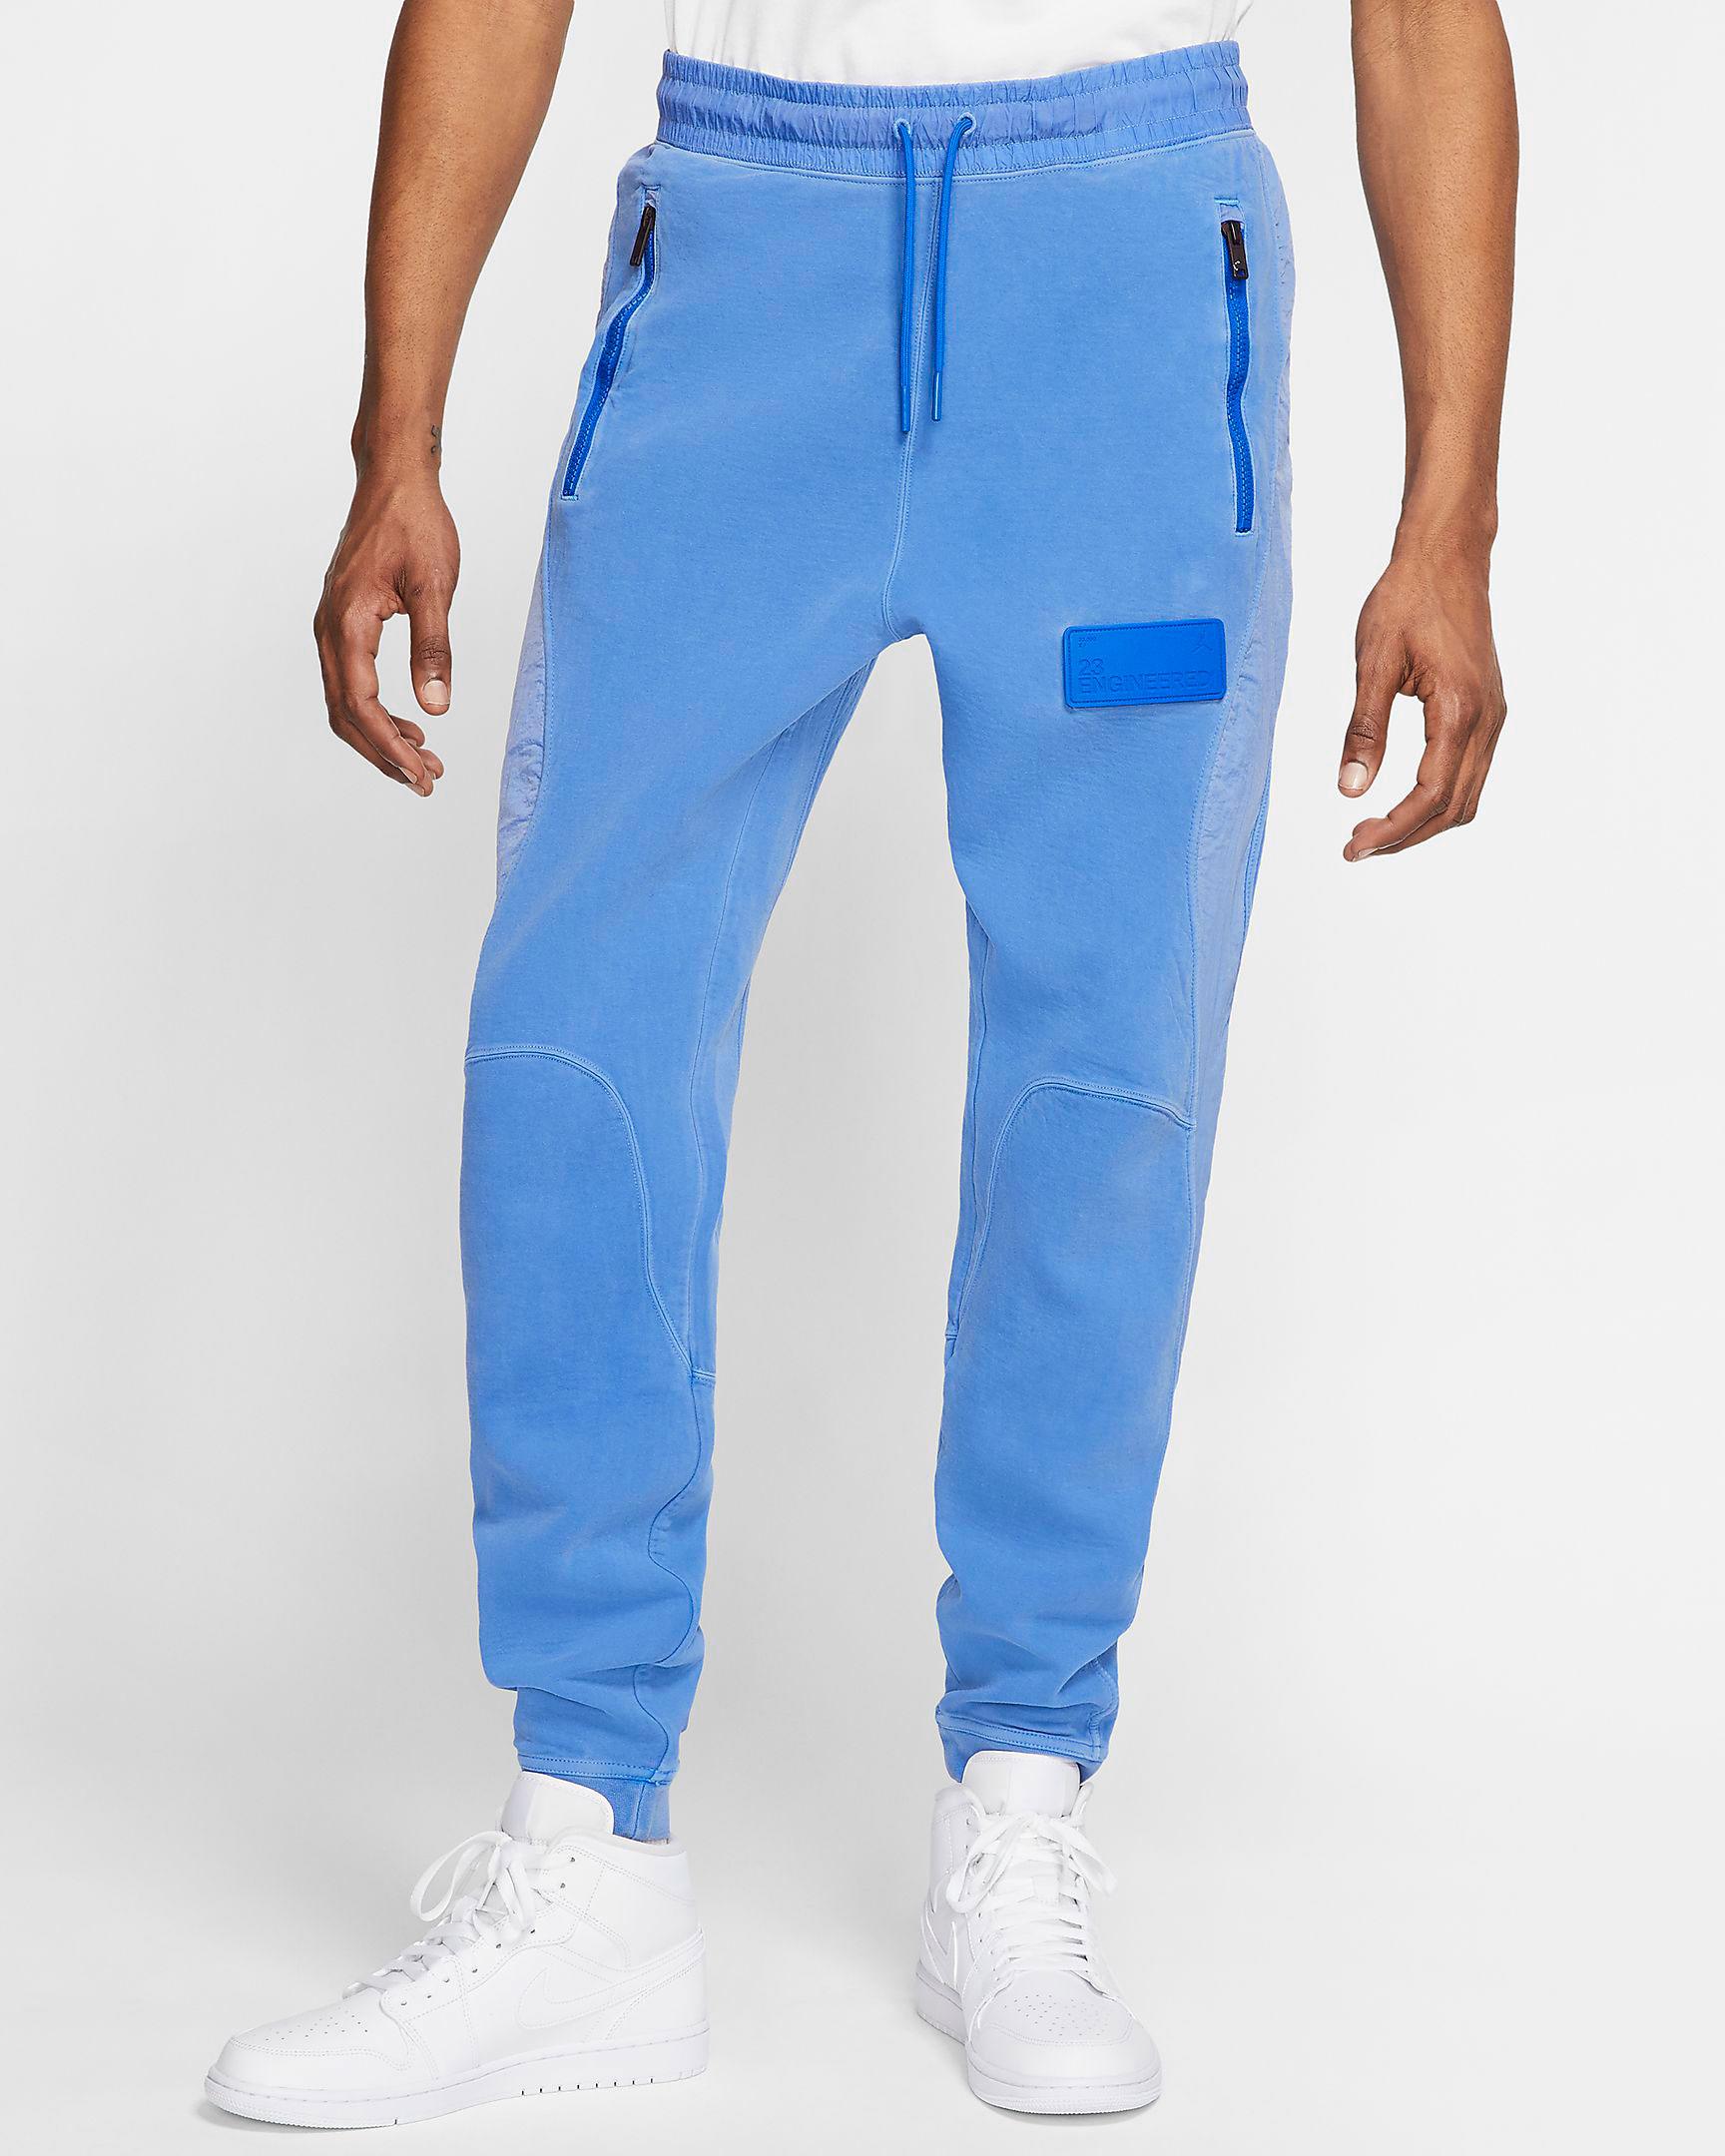 jordan-aerospace-720-lyrical-lemondade-matching-pants